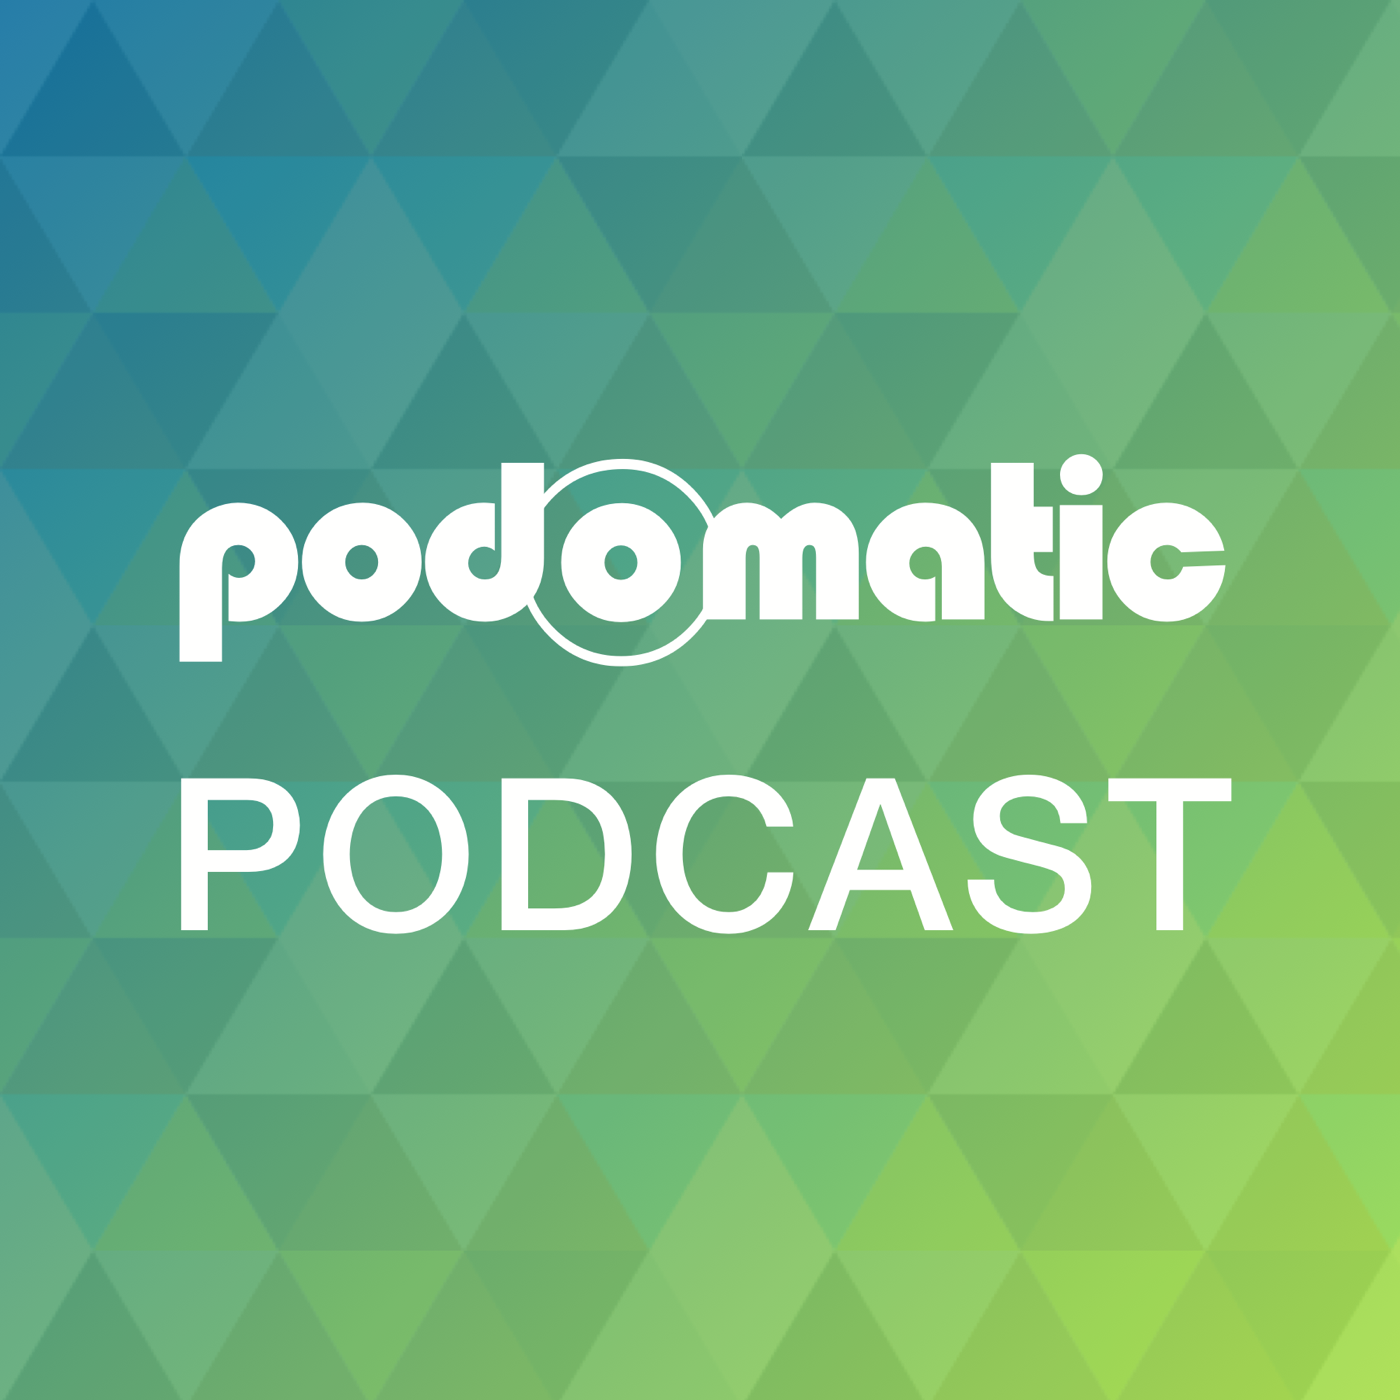 Tony B's Podcast